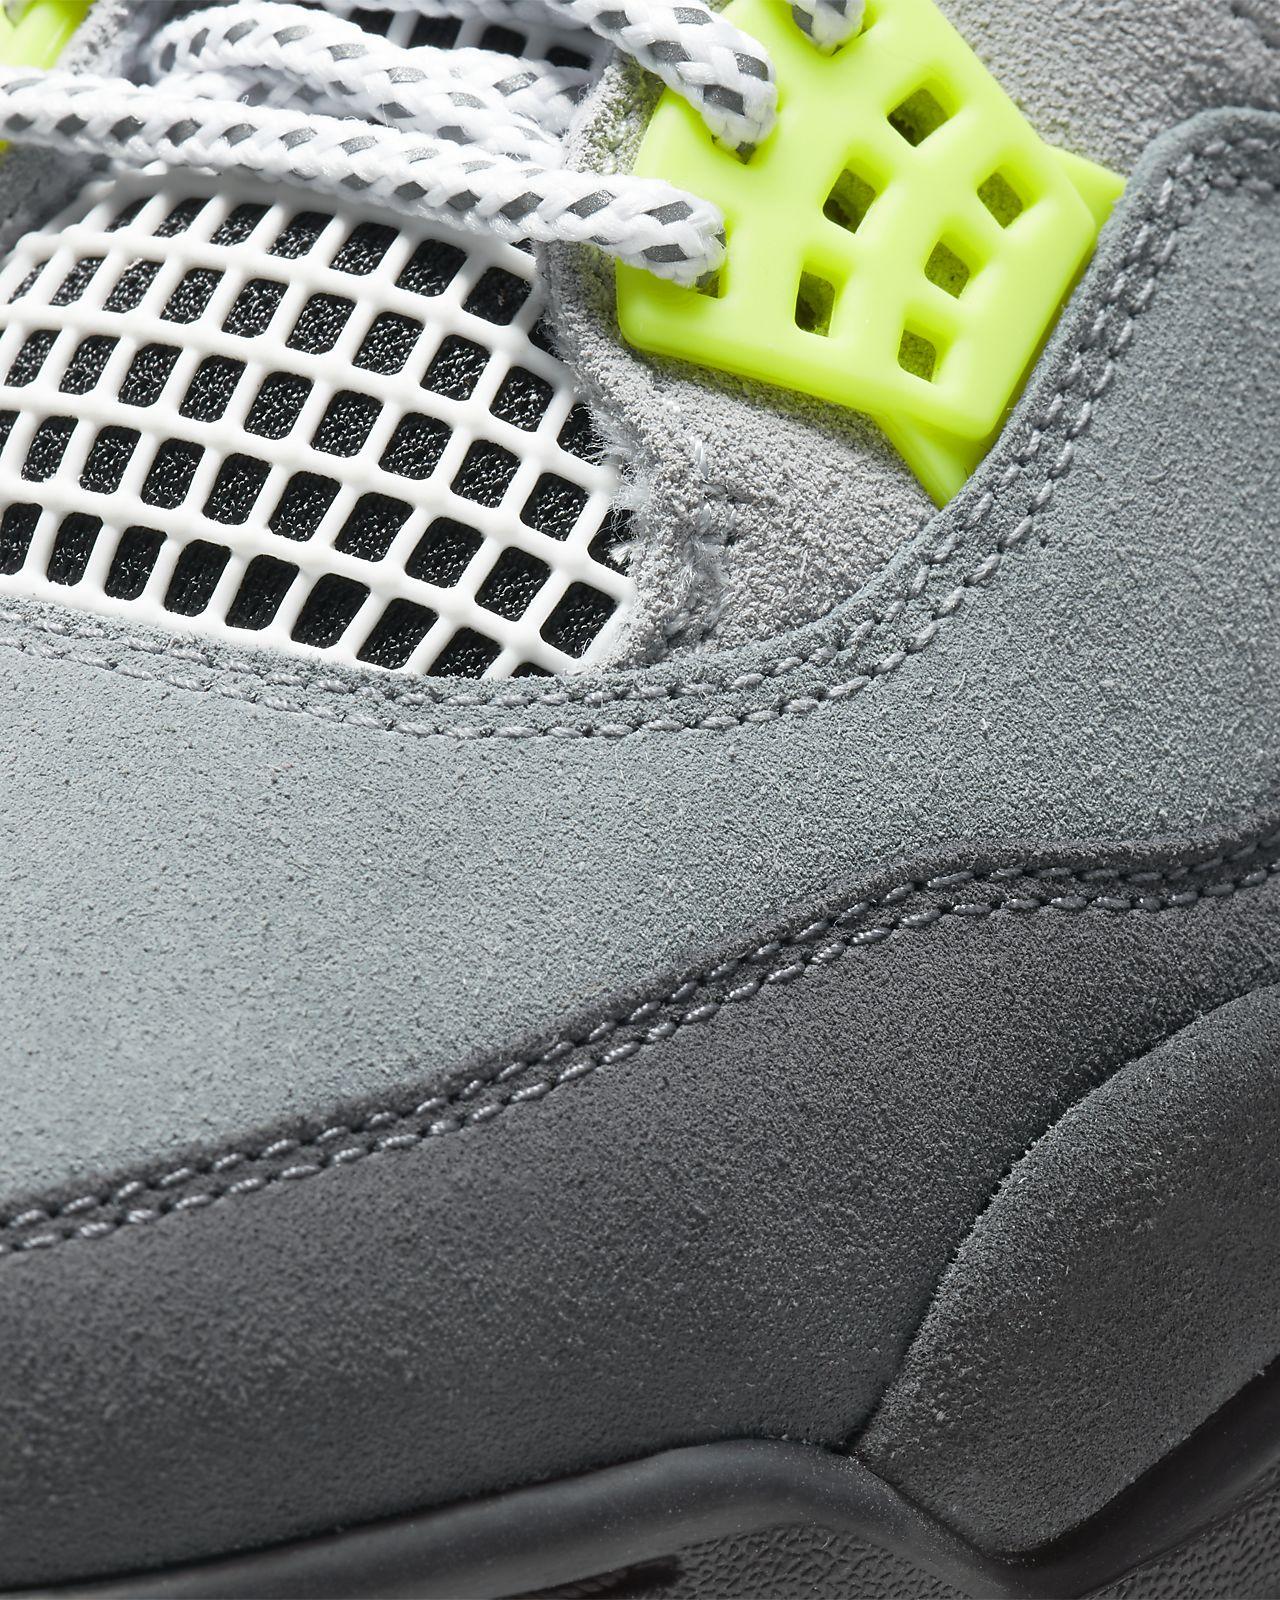 Air Jordan 4 Retro Grey Volt First Look